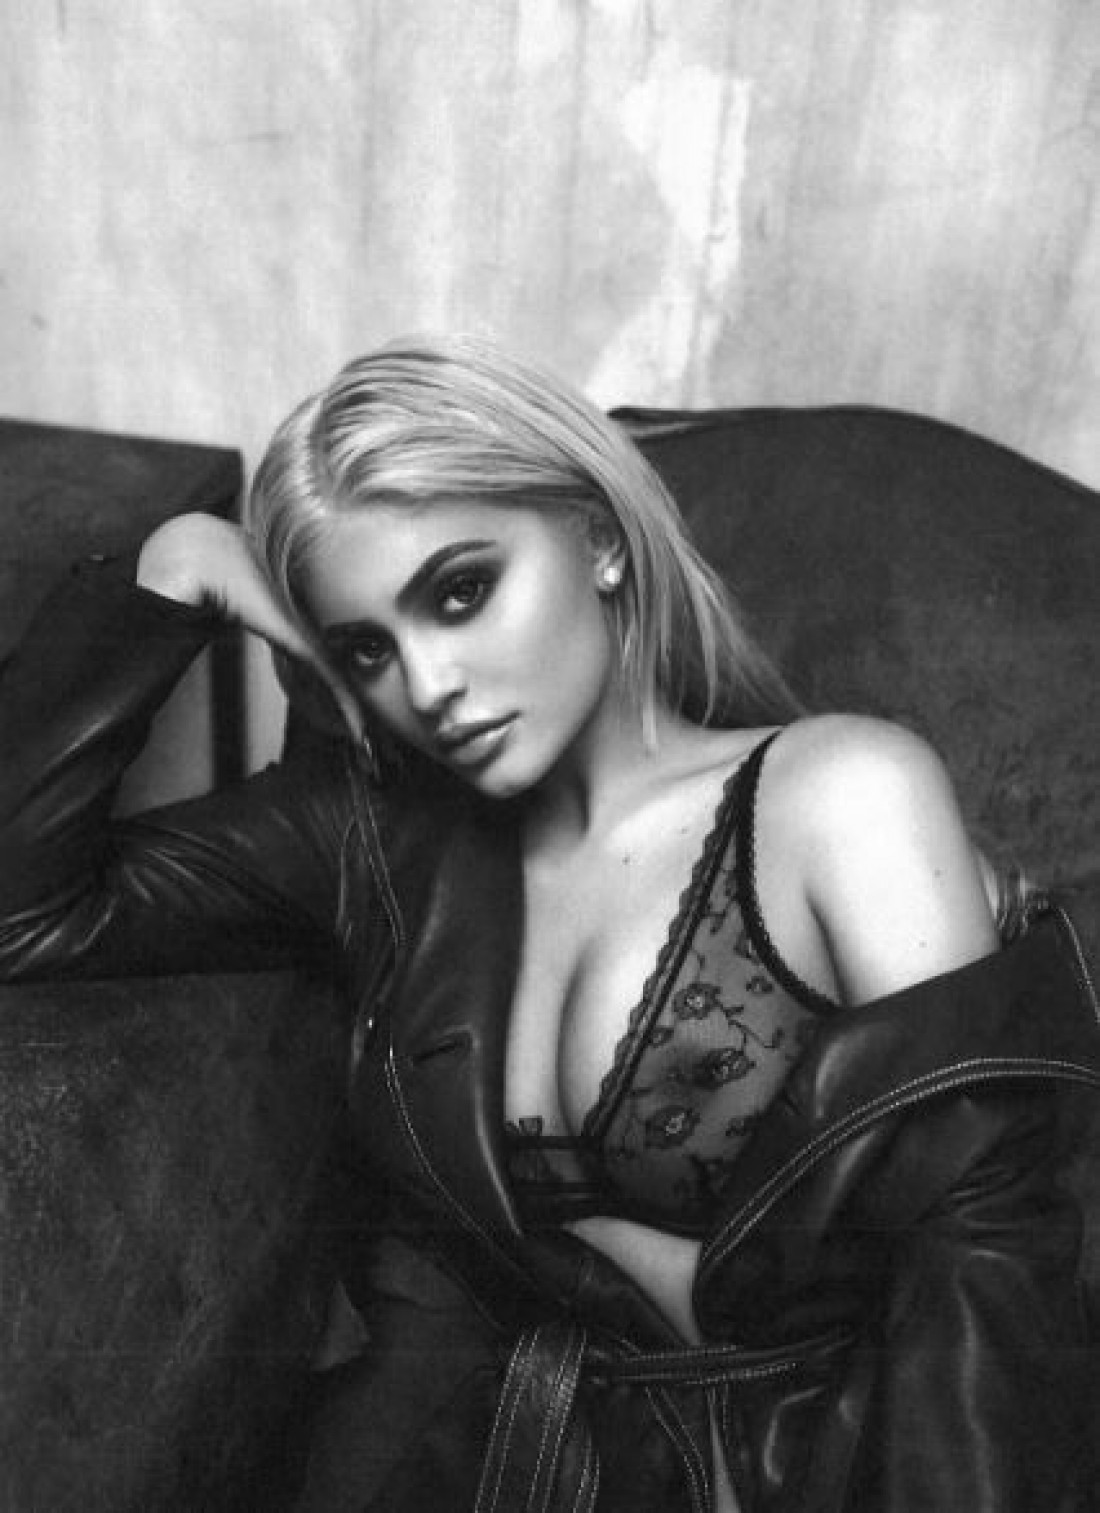 Кайли Дженнер в сексуальной фотосессии